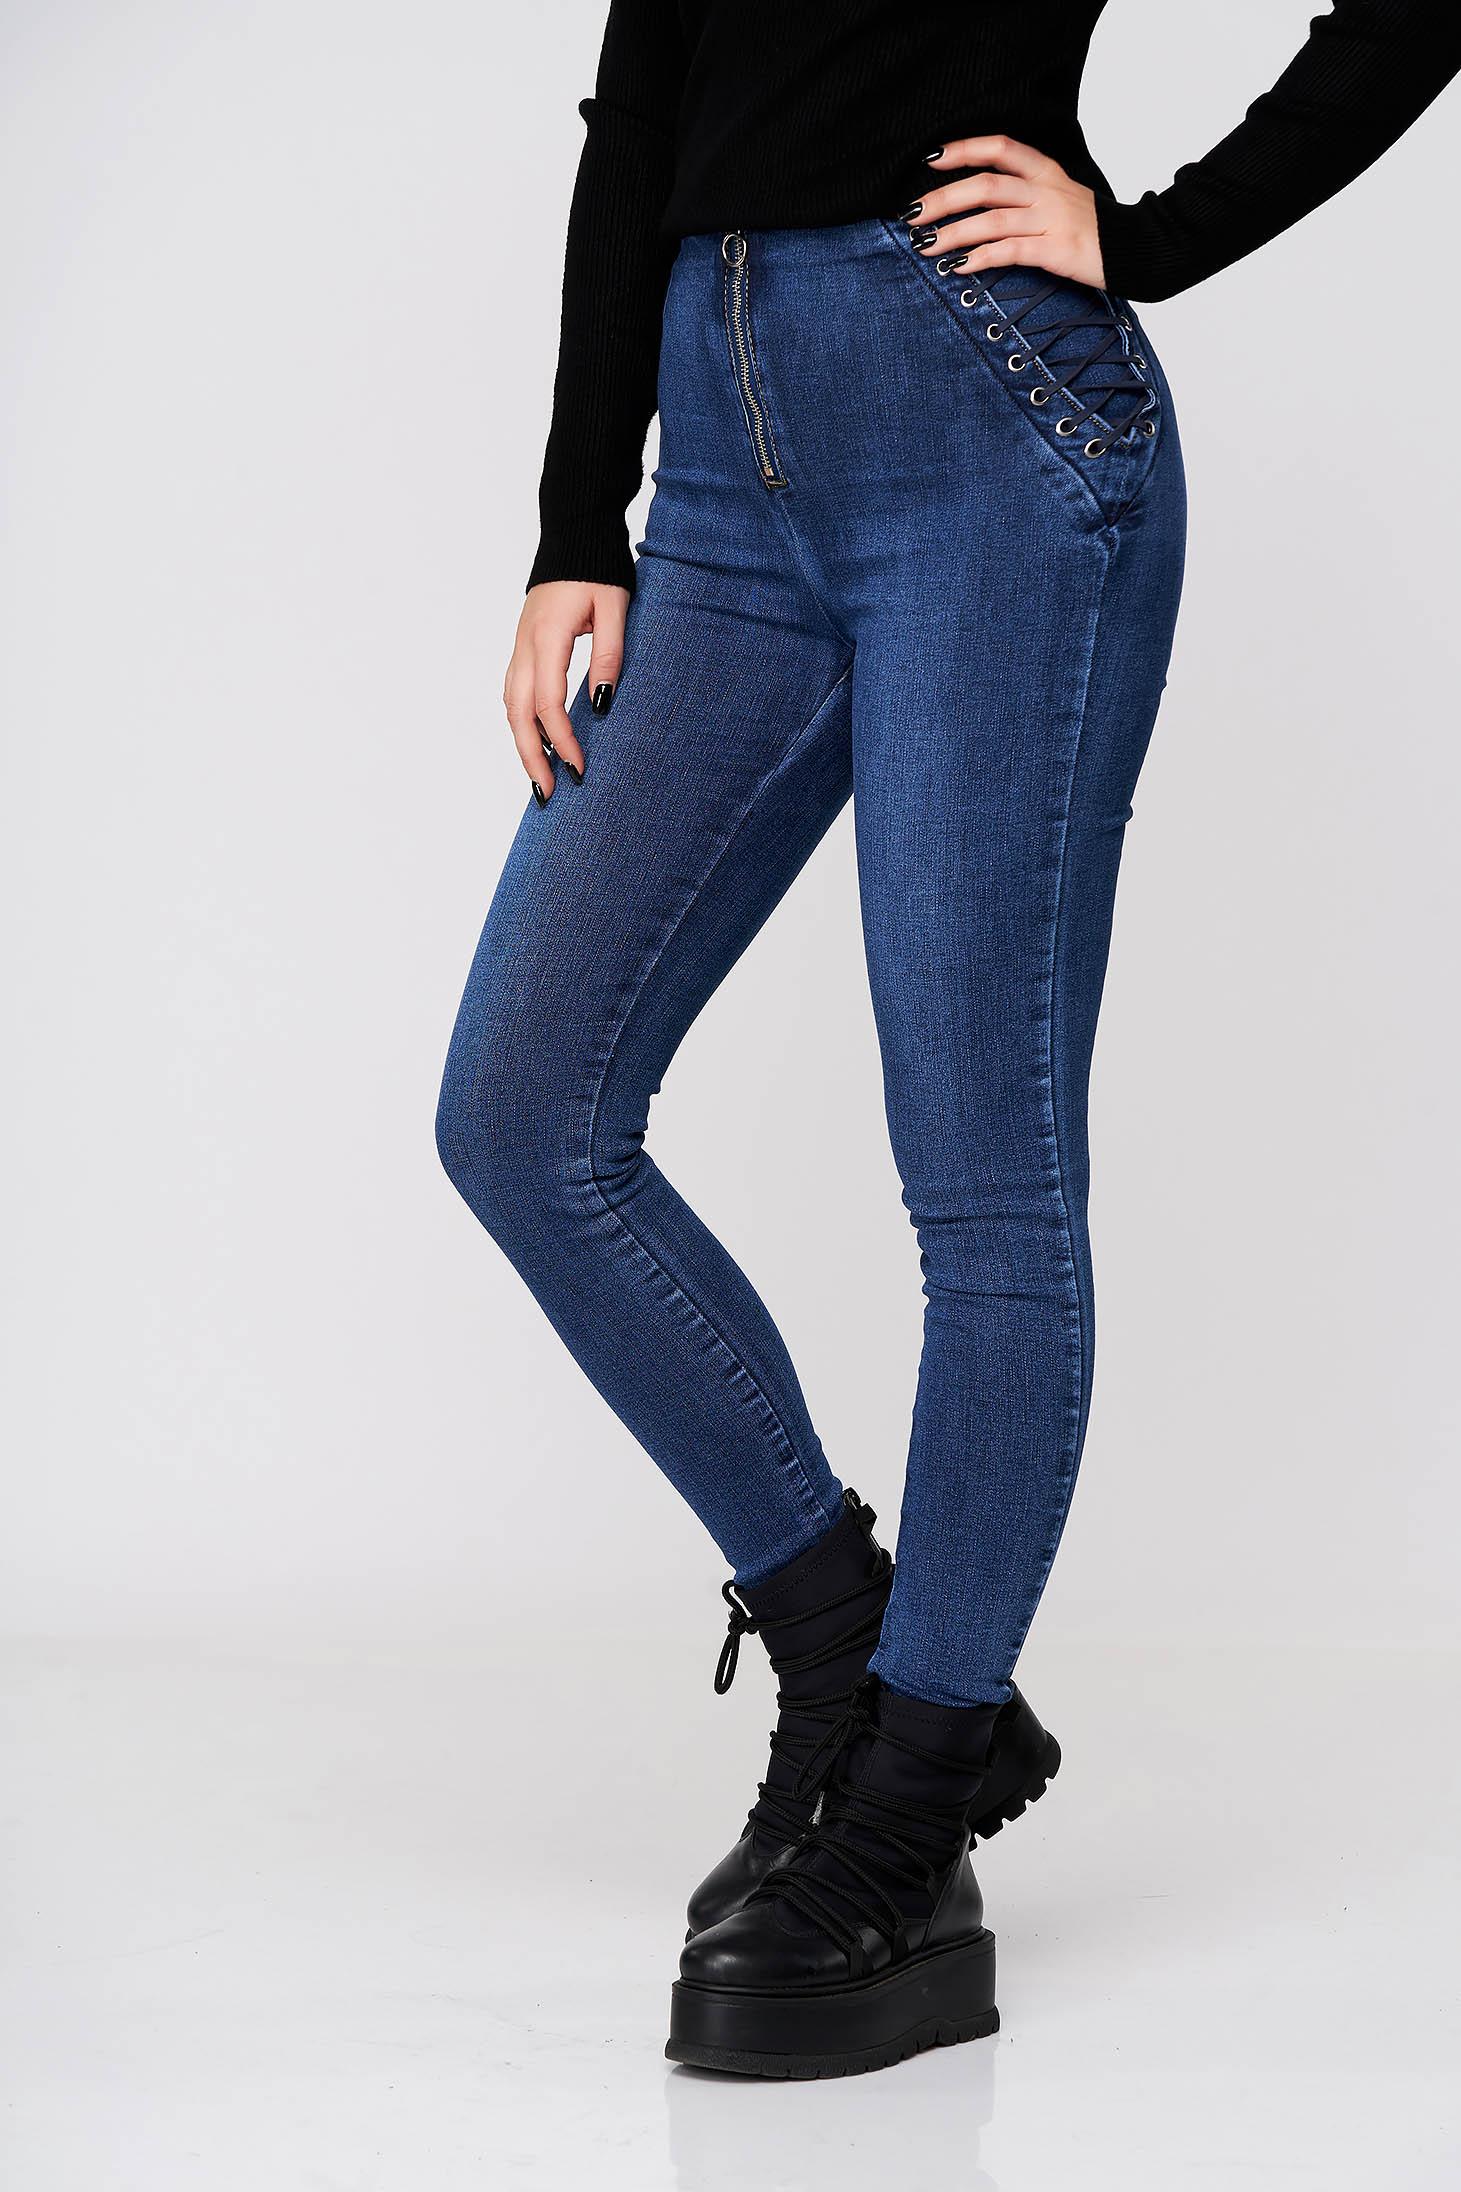 Kék casual skinny famernadrág magas derekú oldalt zsinórral van ellátva